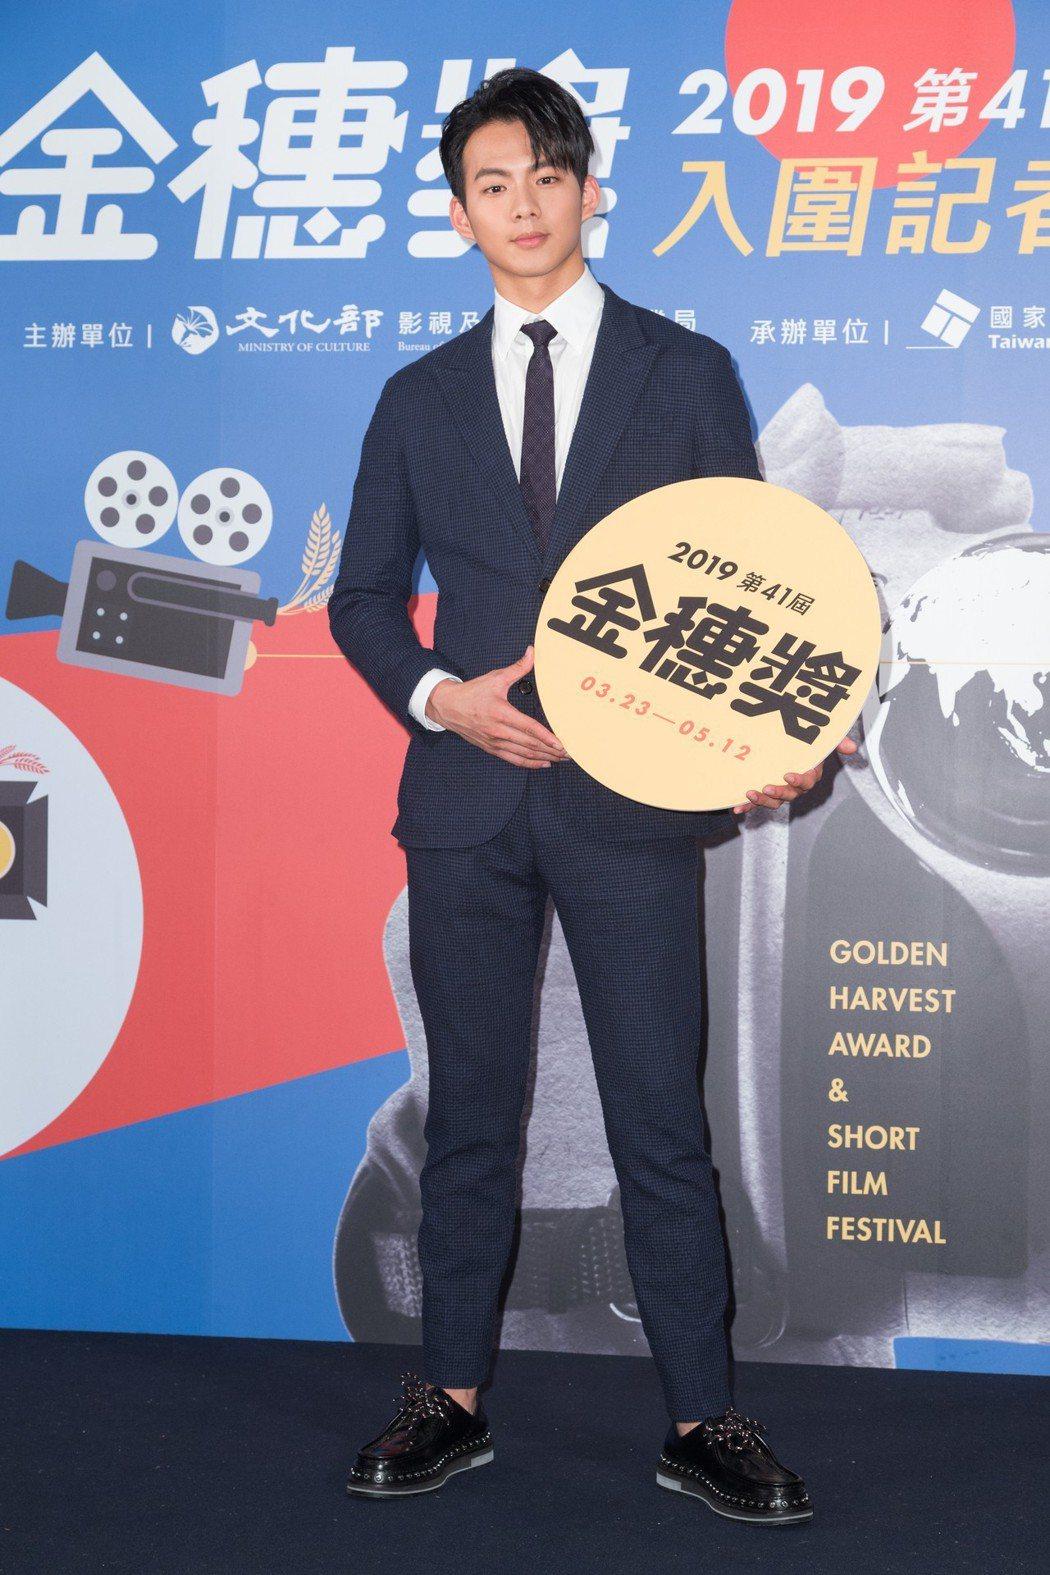 吳念軒擔任金穗獎大使。記者陳立凱/攝影